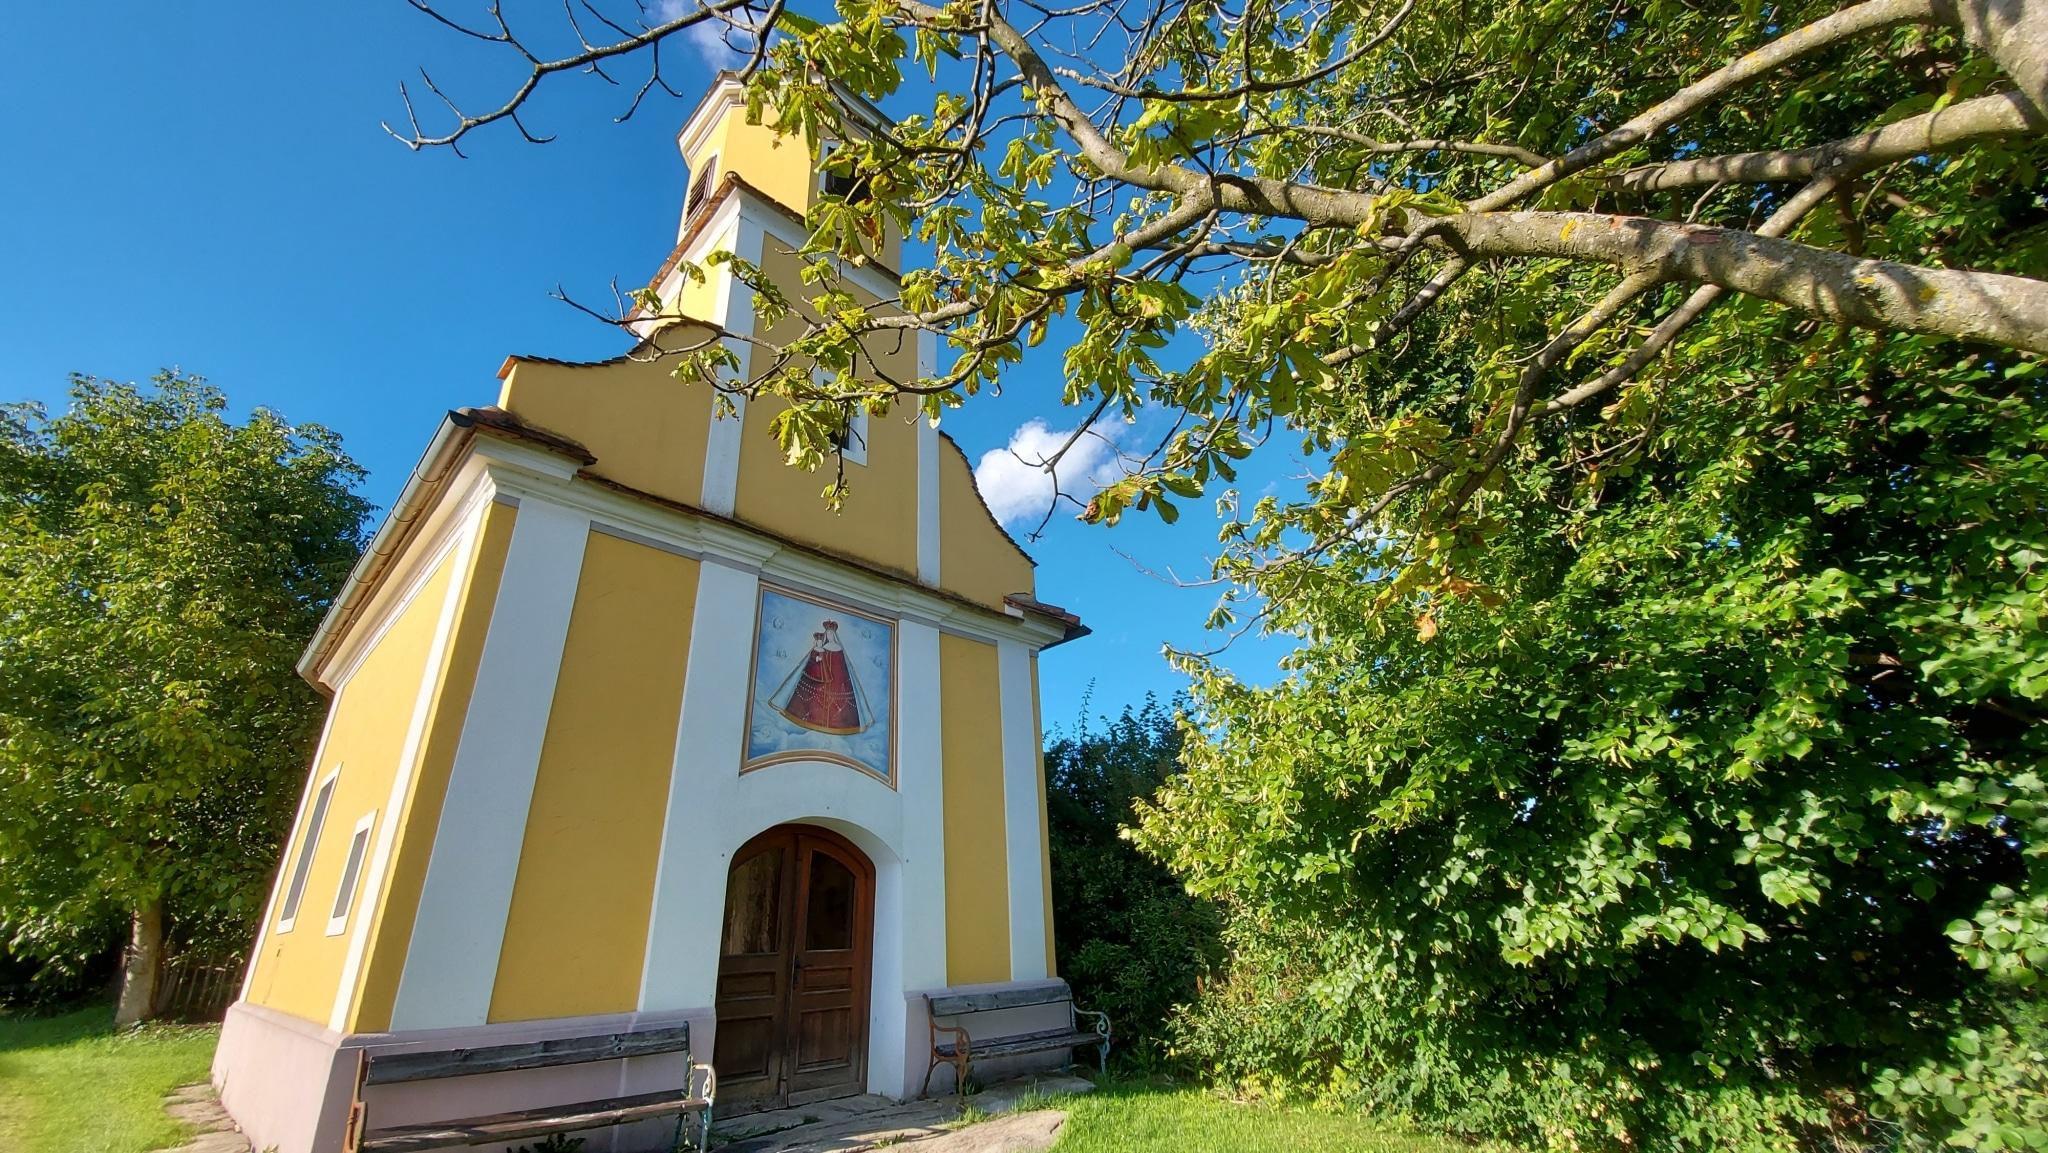 7 Plätze 7 Schätze Kernkapellenweg